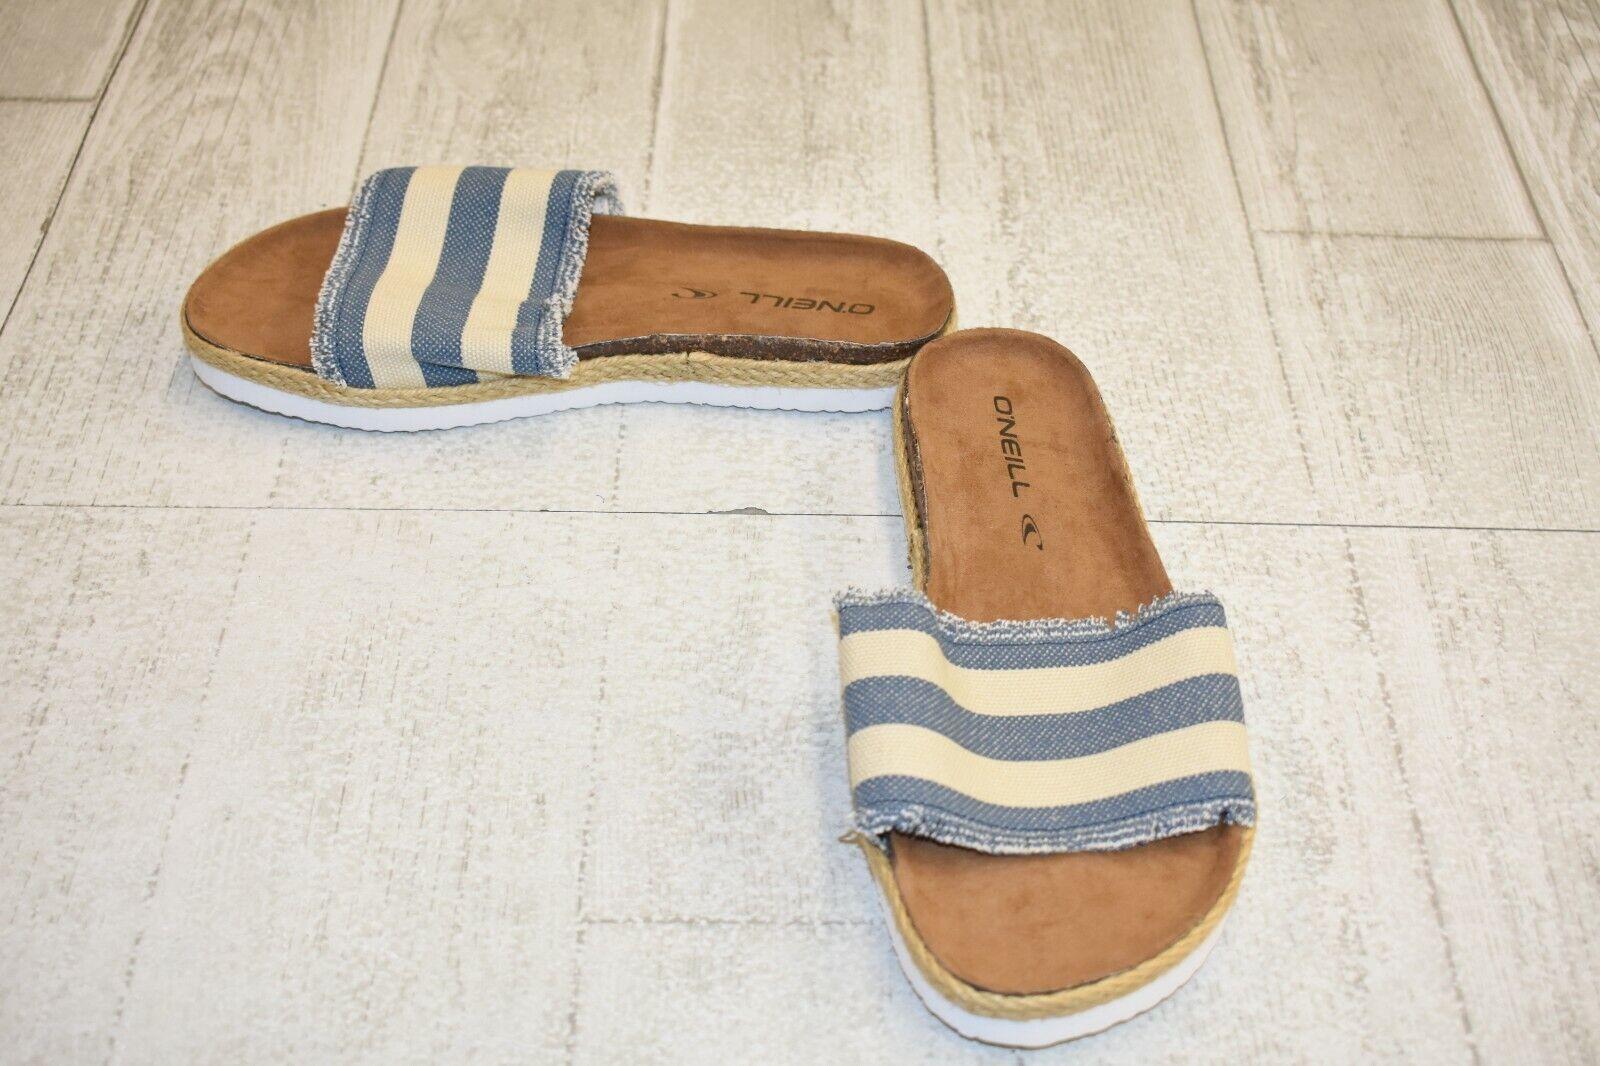 O'Neill Tori Sandal - Women's Size 6M, bluee Cream